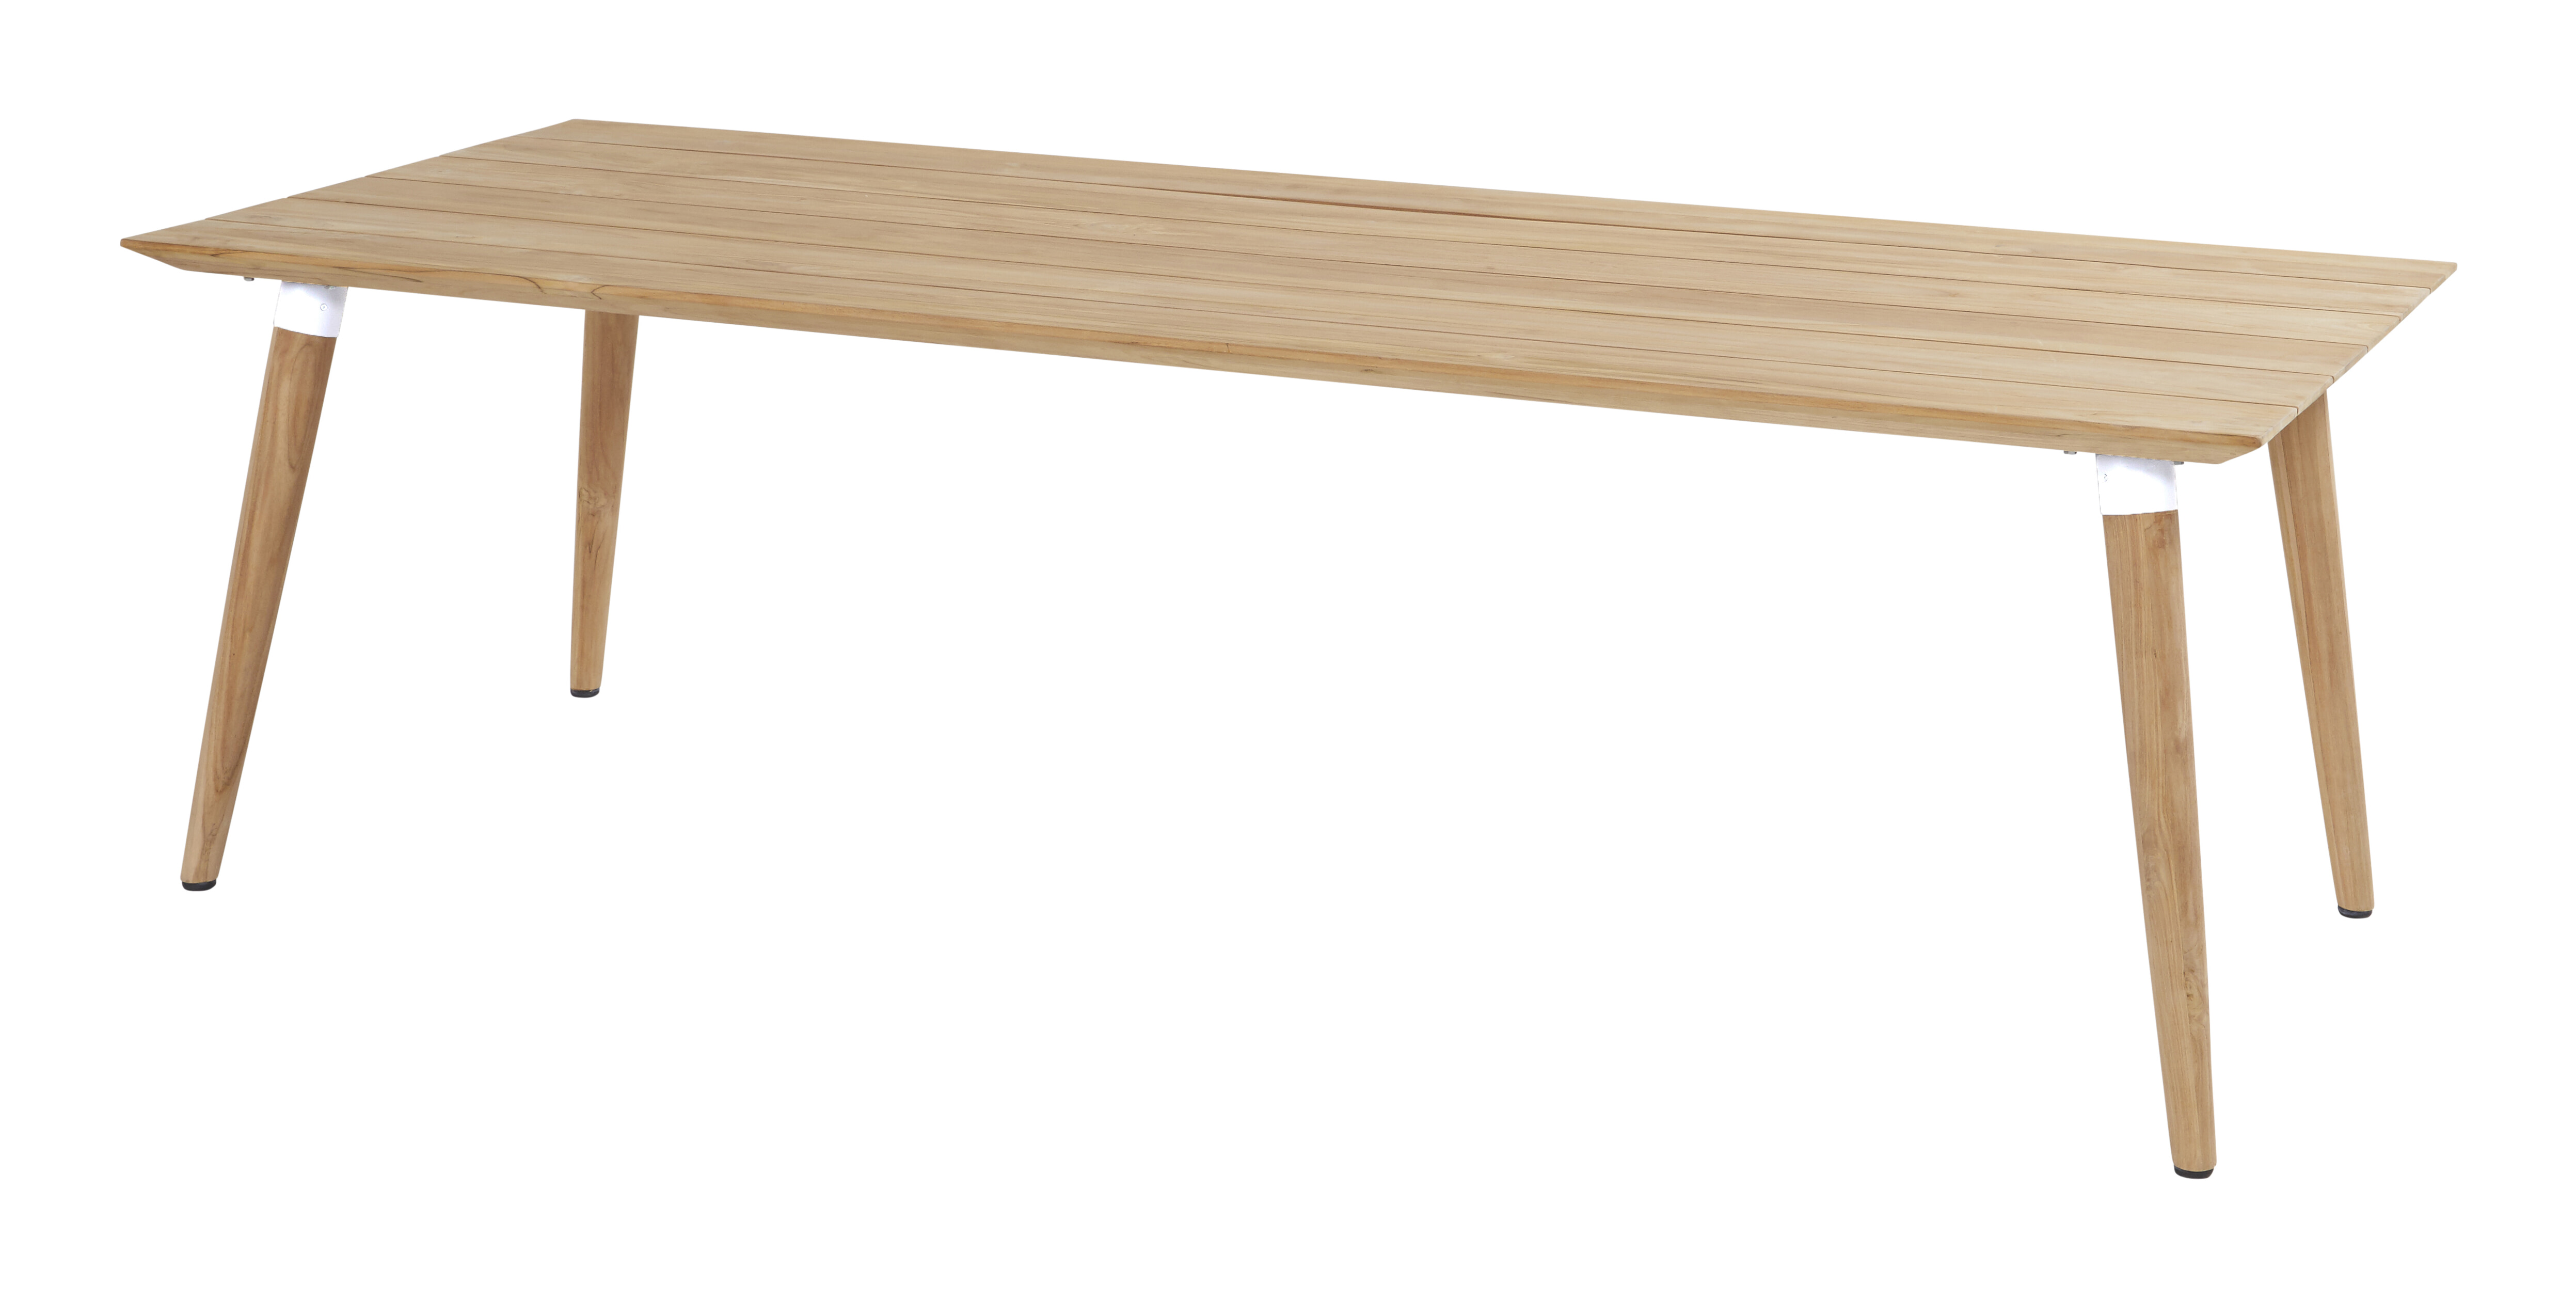 Hartman Tuintafel 'Sophie' Teak, 240 x 100cm, kleur Wit